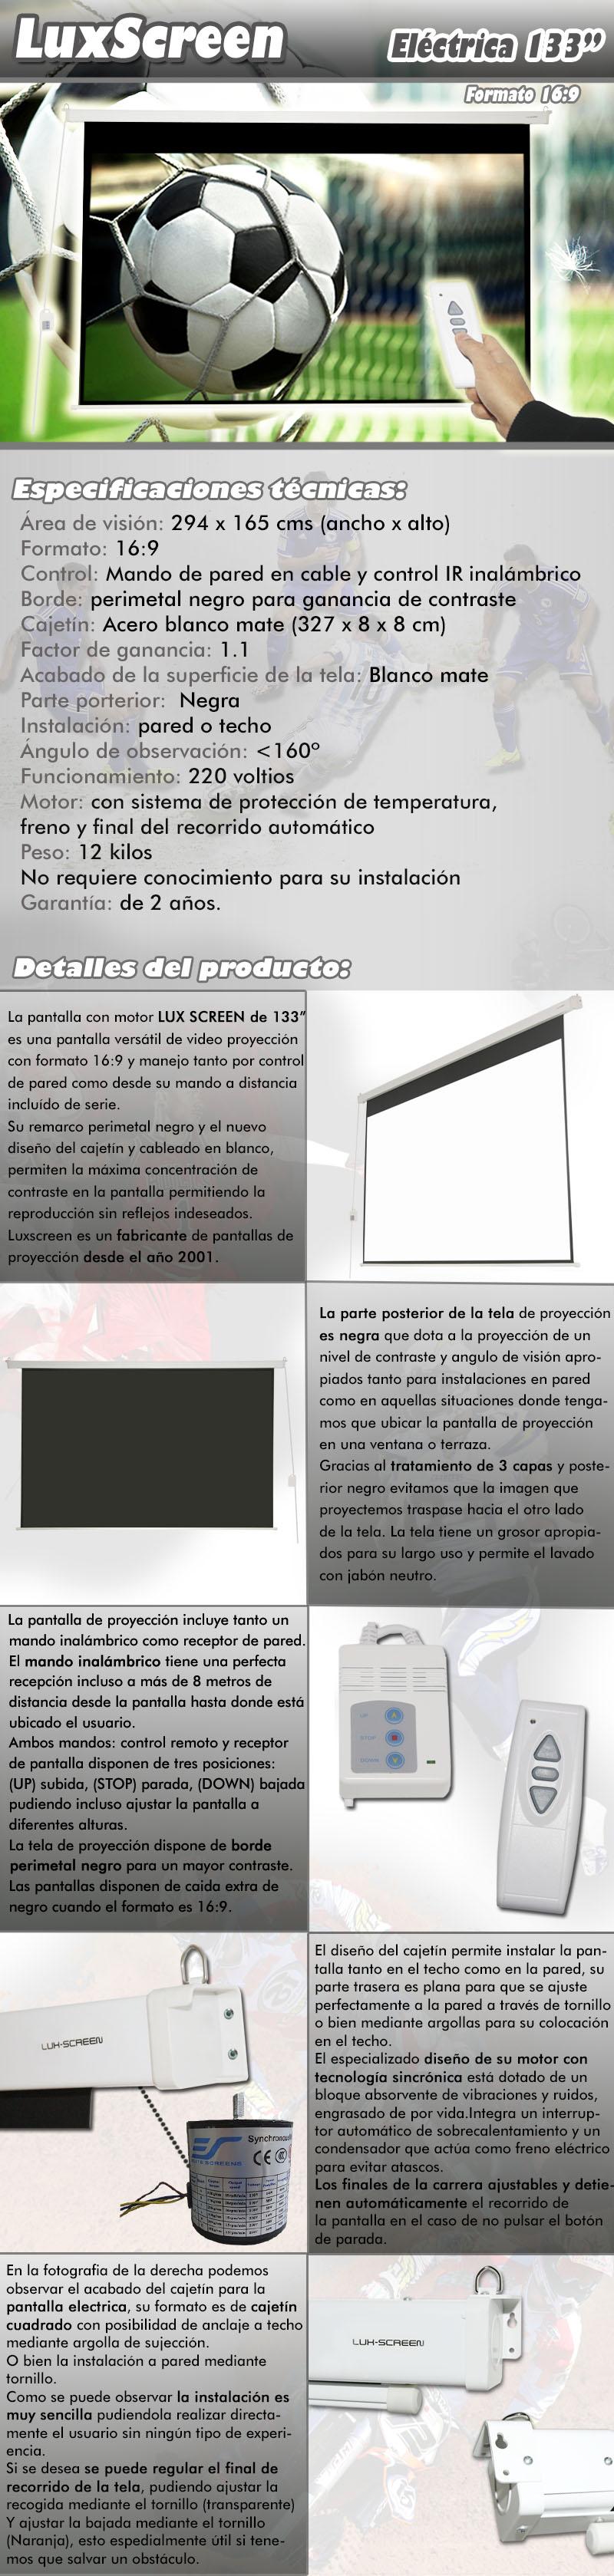 pantalla electrica de 133 pulgadas 16:9 2,94 x 1,65 metros, dispone de parte trasera negra, borde perimetal negro para una mayor concentracion de contraste, ganancia de brillo 1:1, ideal para proyectores formato full hd y hd